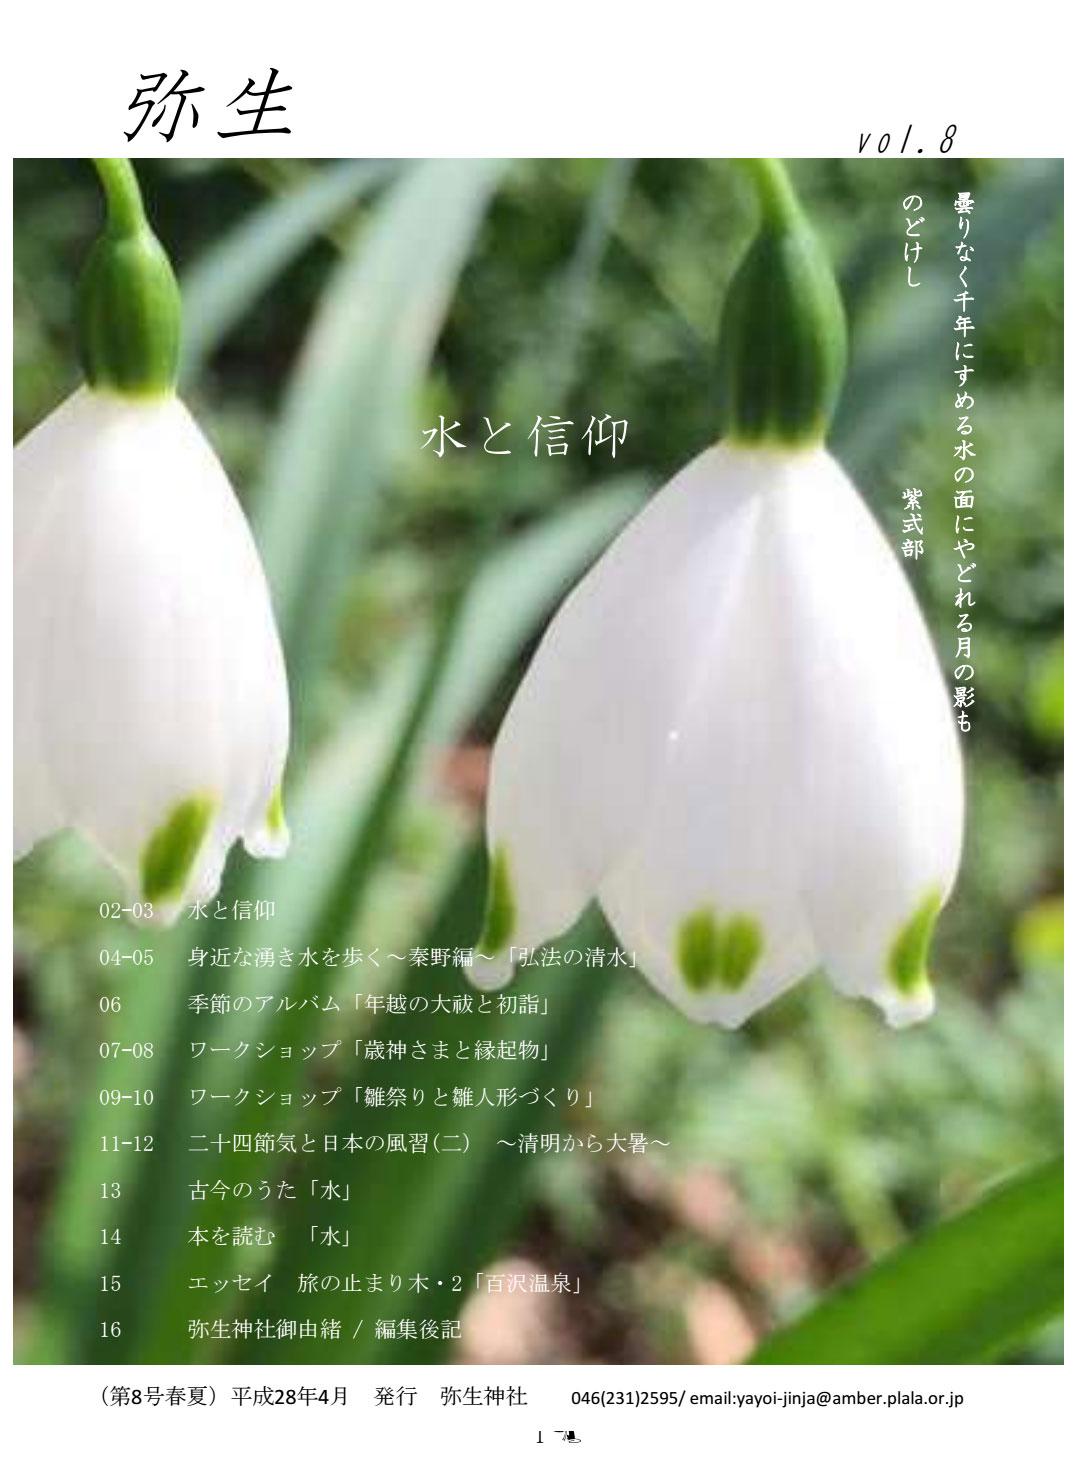 社報「弥生」vol.8